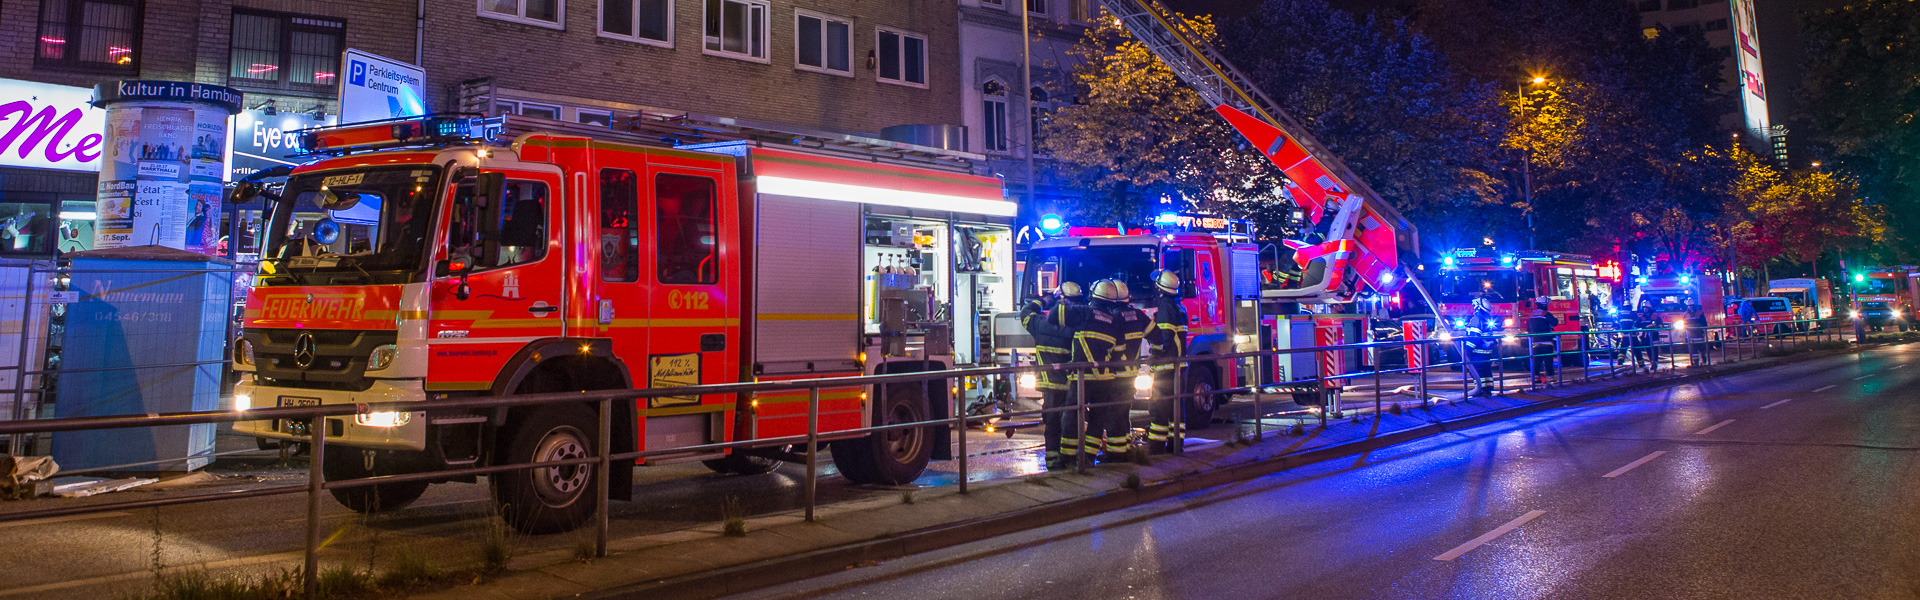 14.09.2017 – Zimmerbrand auf der Reeperbahn